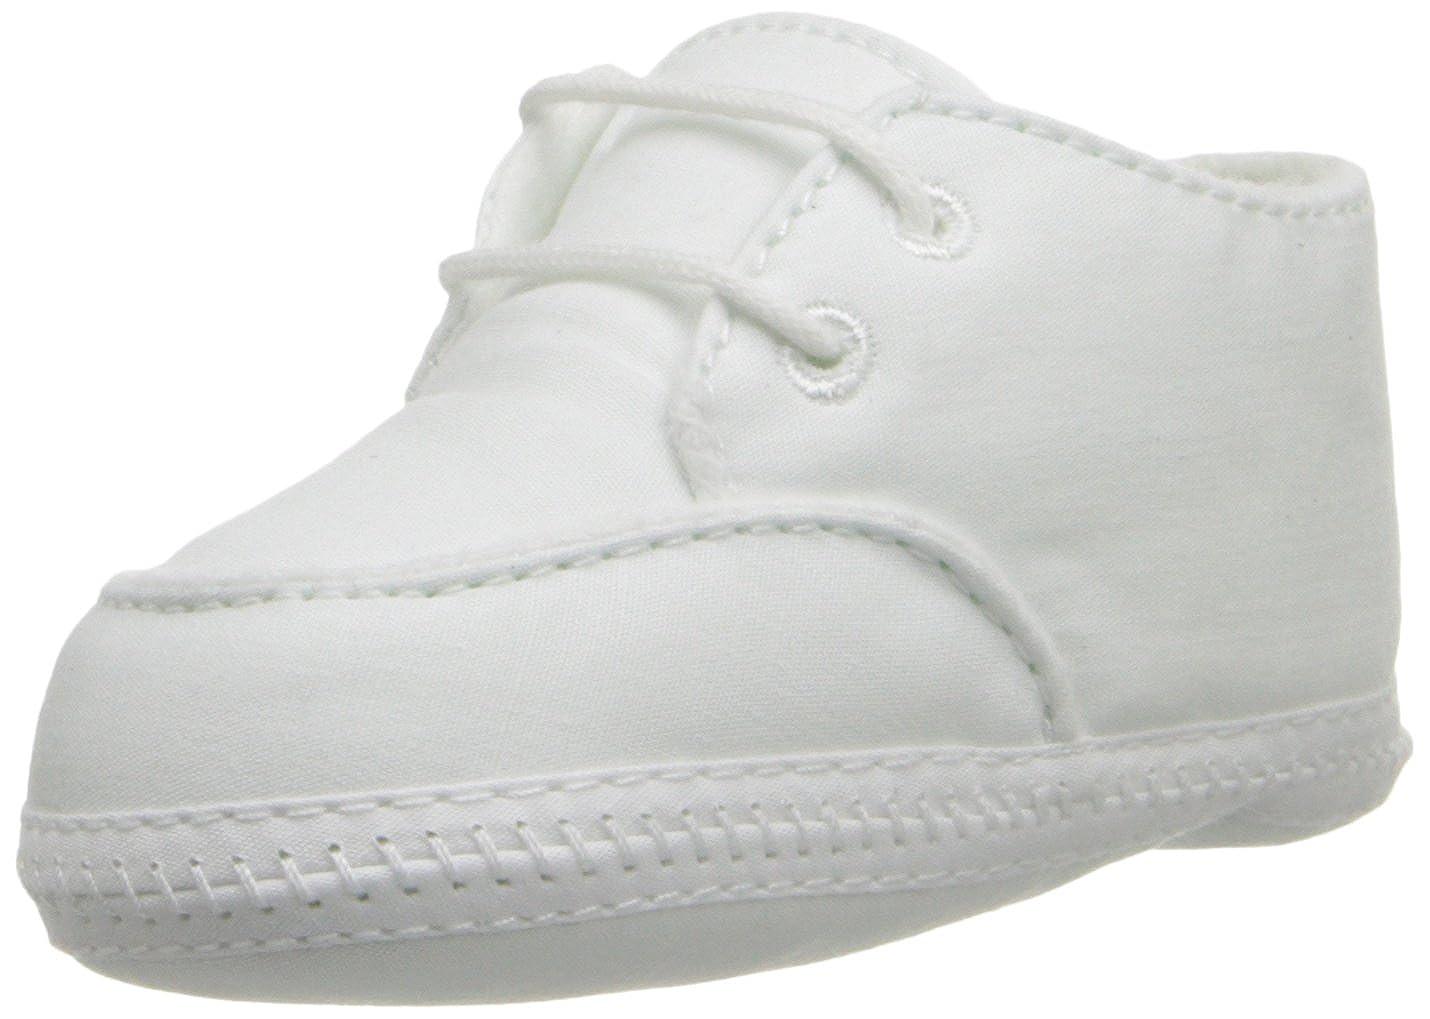 Baby Deer 2151 Crib Shoe (Infant/Toddler) Crib Shoe 2151 - K